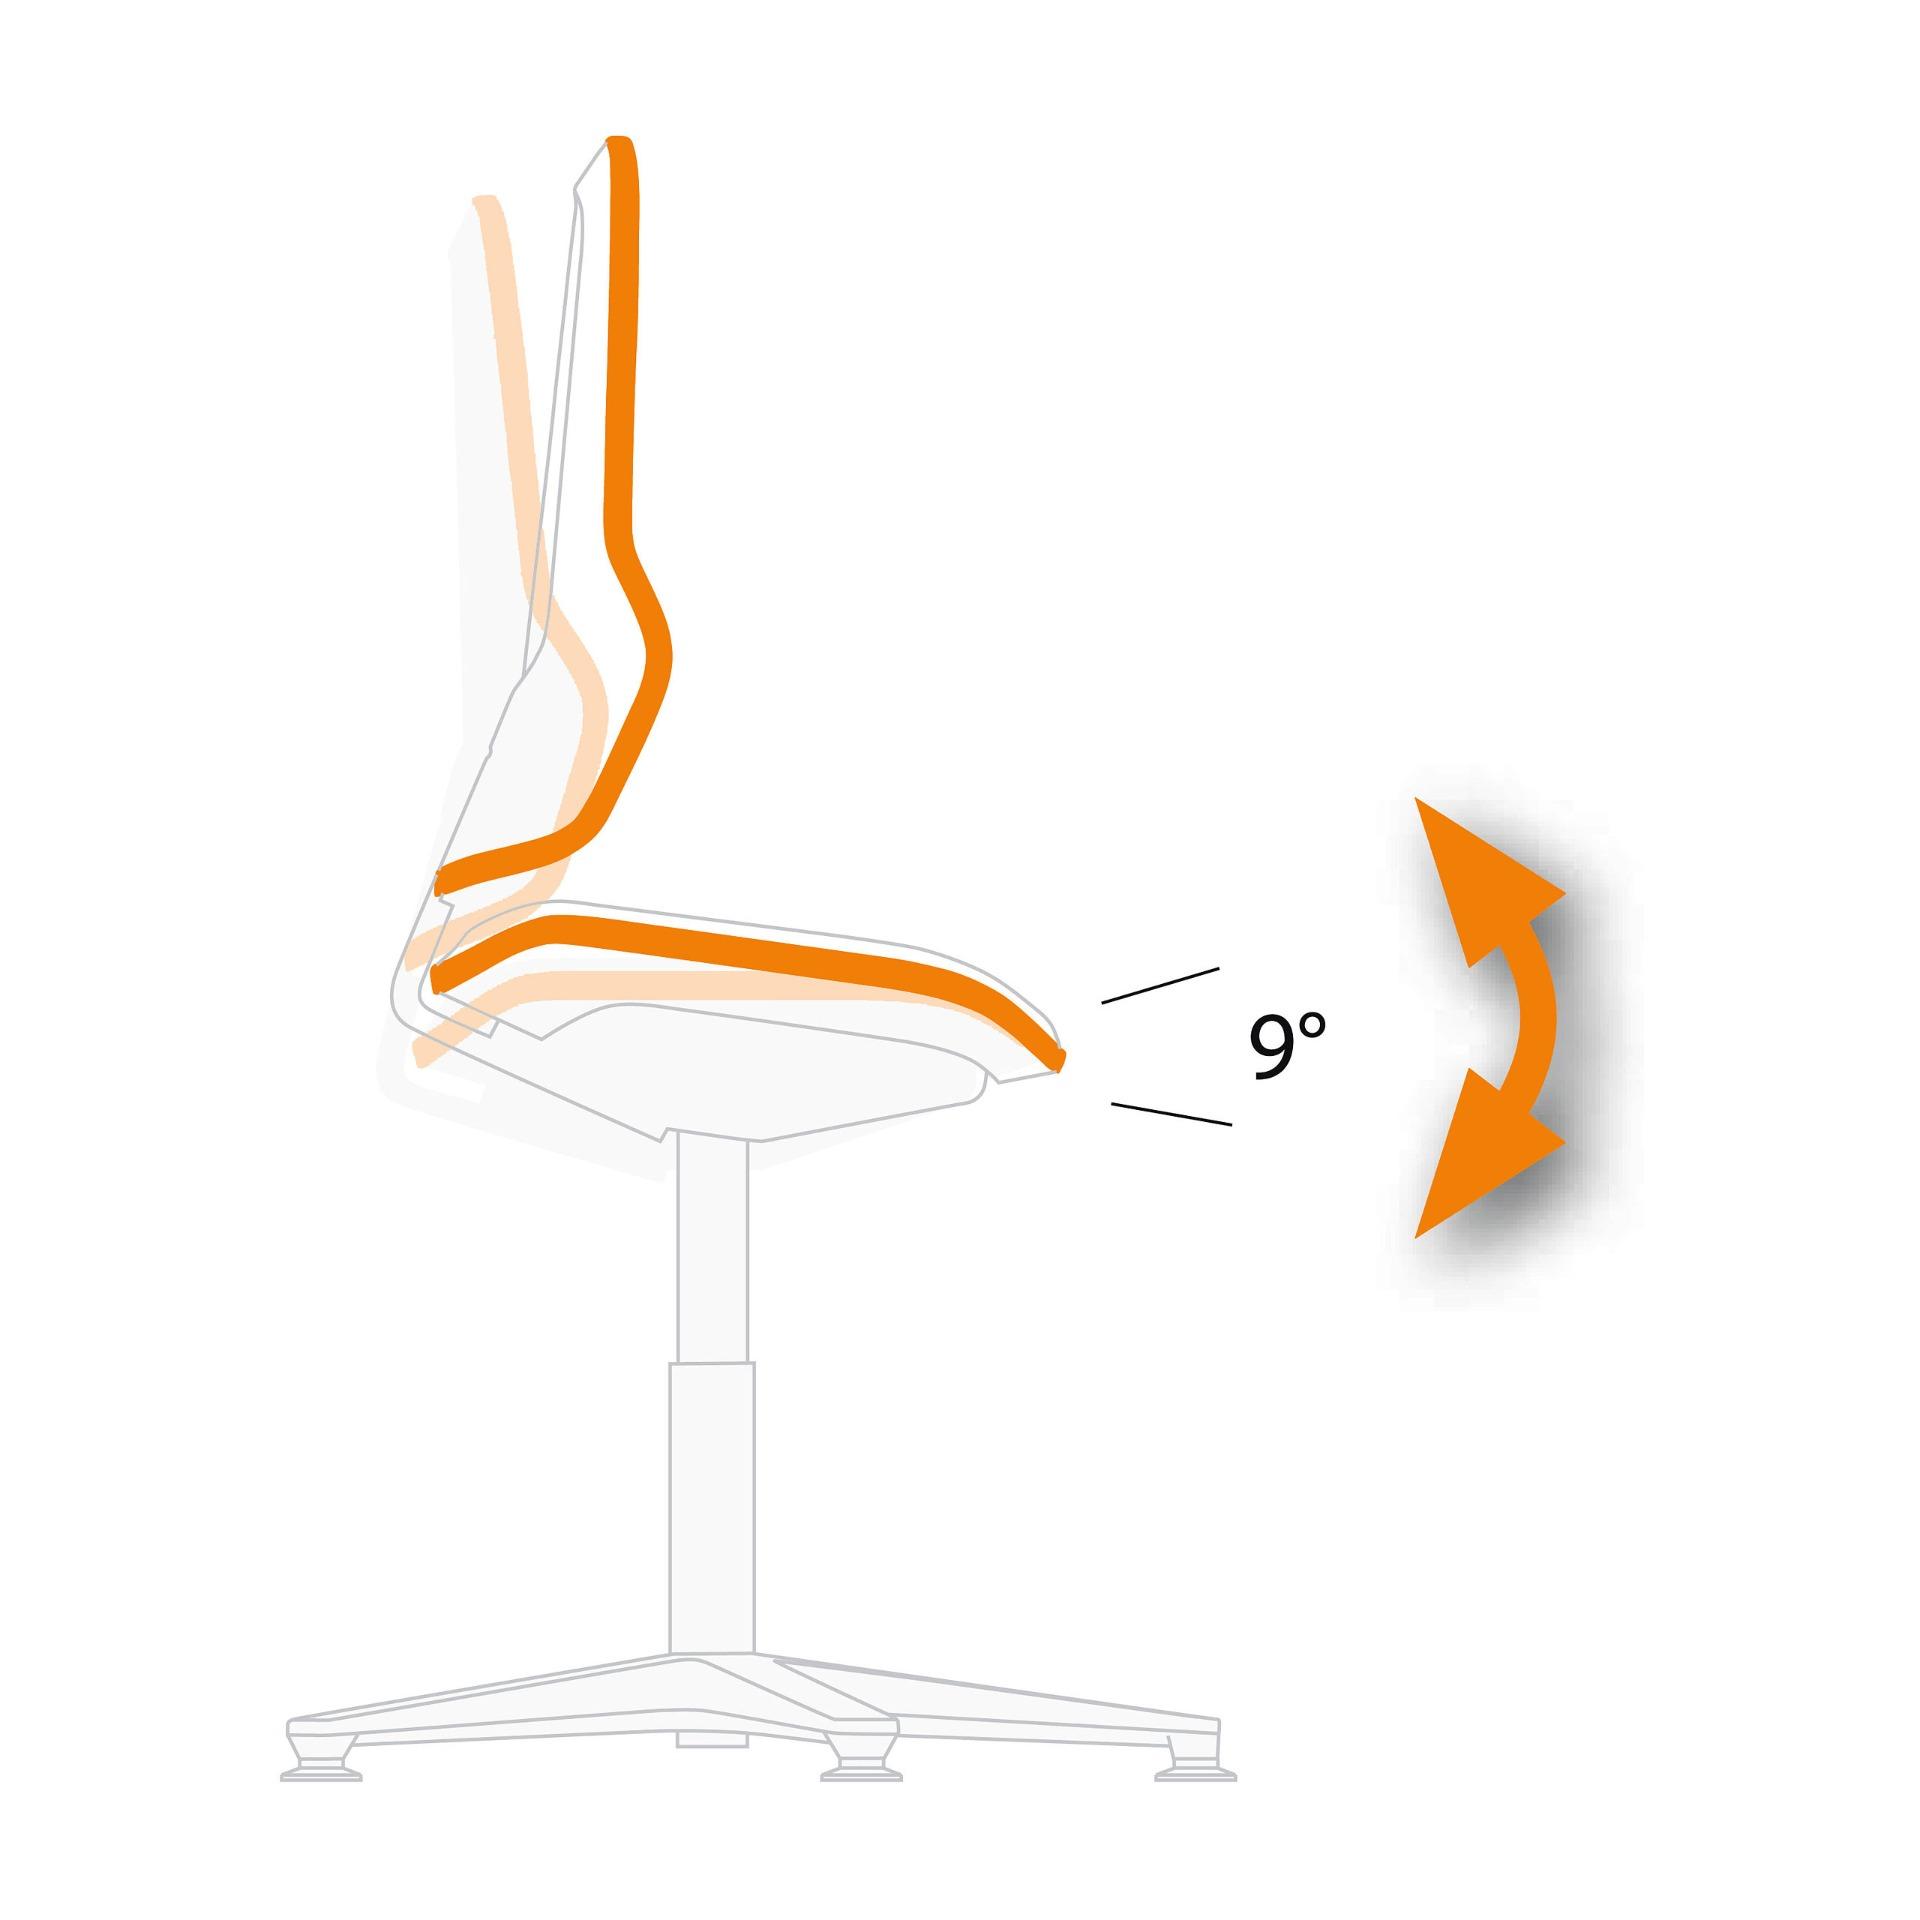 Funktion_Sitzneigung_orange